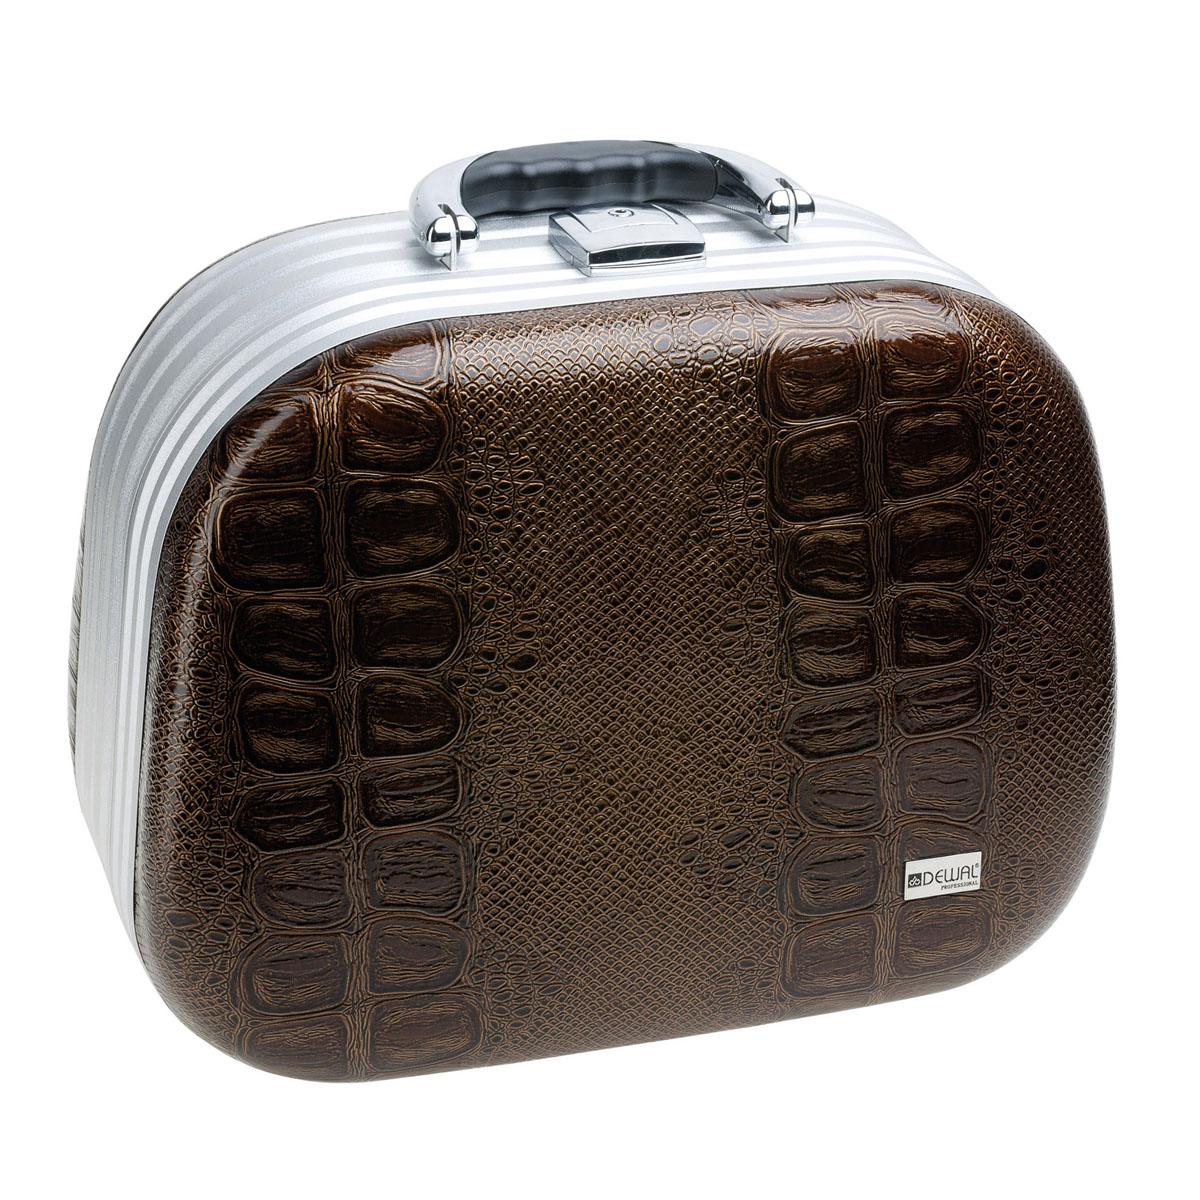 Dewal Чемодан для парикмахерских инструментов, цвет: коричневый. HP807BINT-06501Чемодан для парикмахерских инструментов HP807B коричневый является компактным кейсом для размещения профессиональных инструментов парикмахера. Чемодан имеет обтекаемую форму и изготовлен из лёгкого алюминия и полимерного материала, который заменяет кожу. Внутри два больших отделения, карман на молнии и кармашки для мелких принадлежностей. Чемодан снабжен удобной пластмассовой ручкой. Модель выполнена в коричневом цвете.